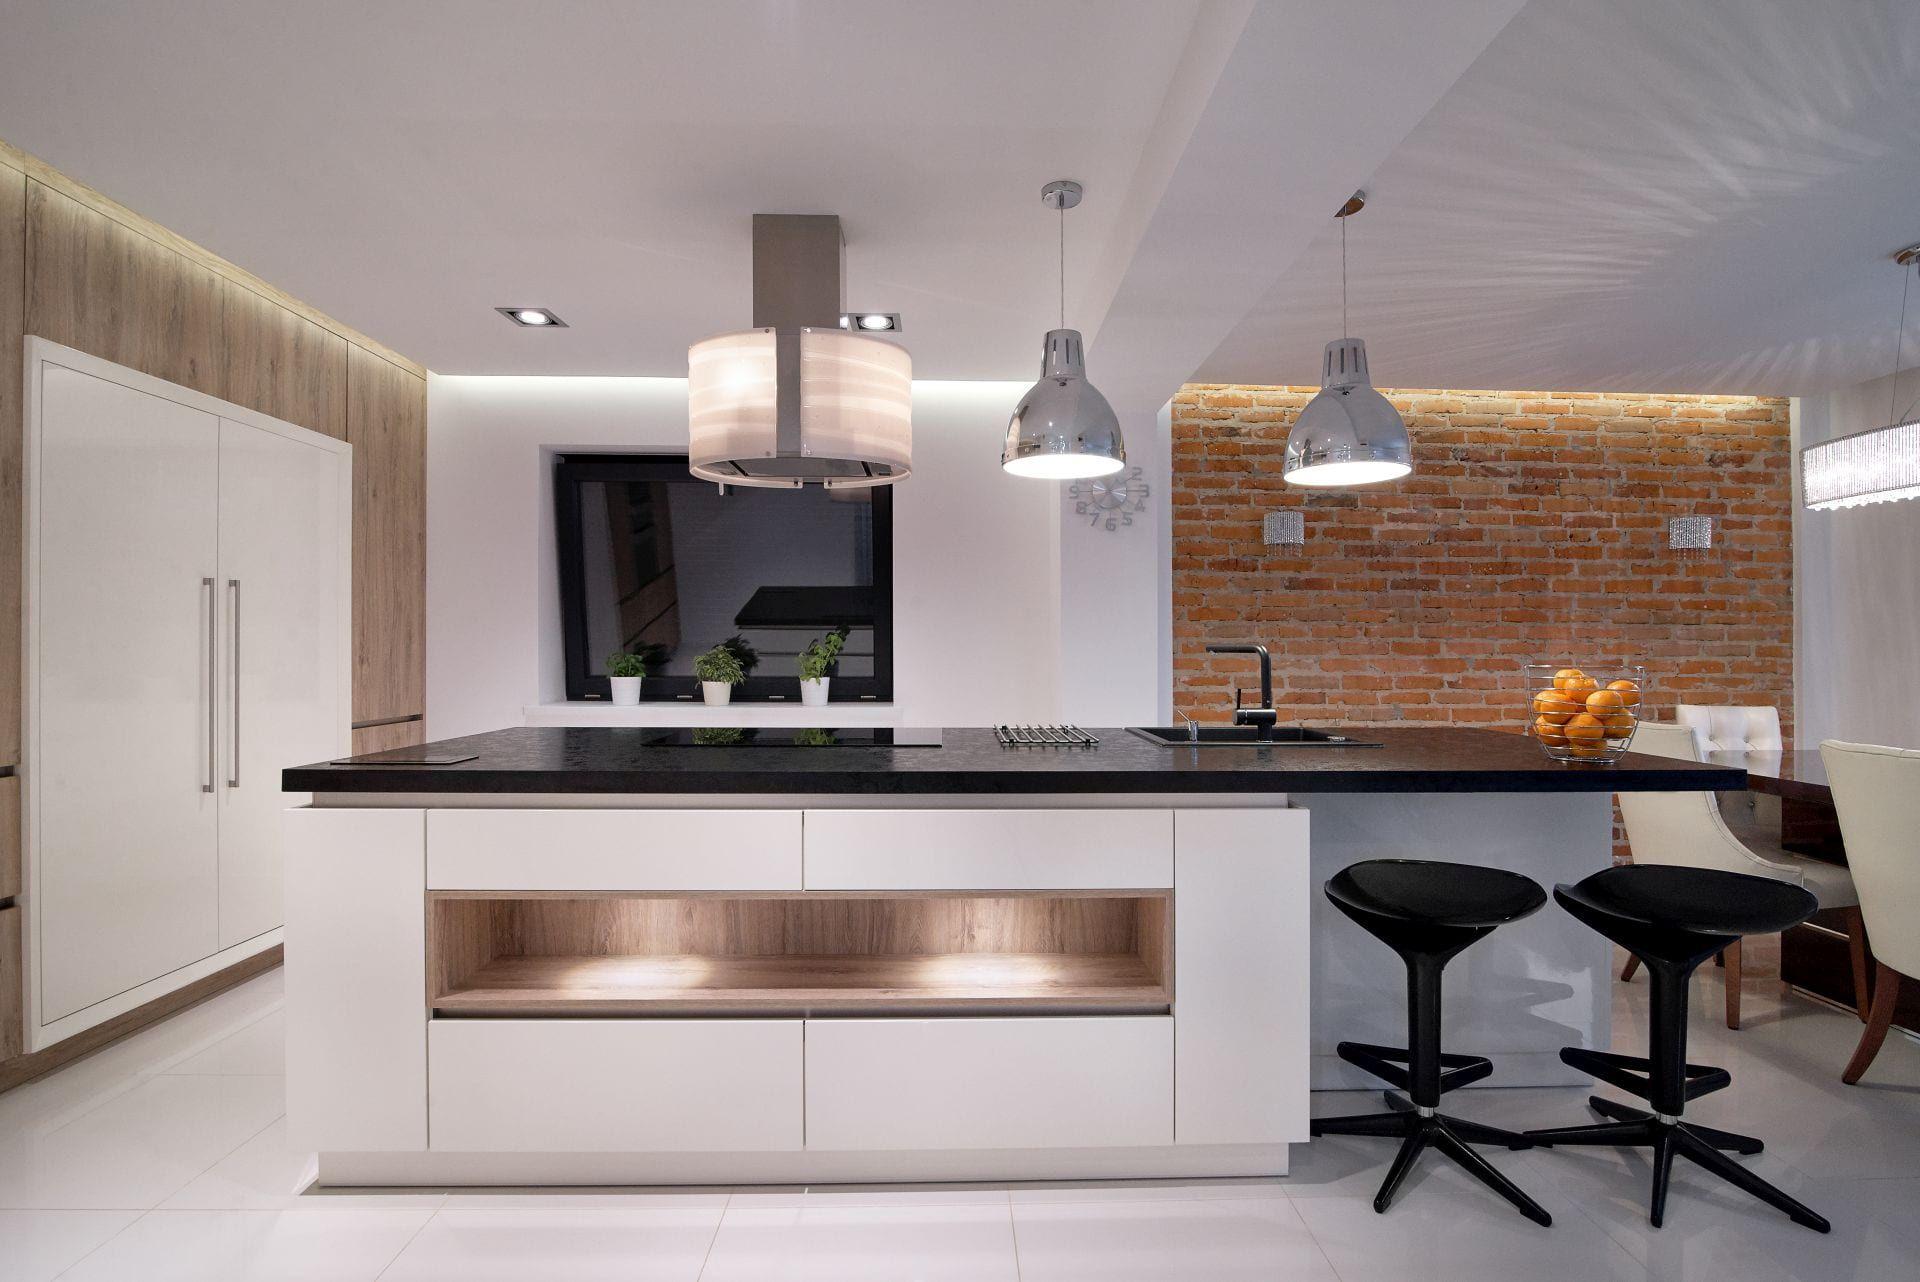 jak zaplanowac oświetlenie w kuchni